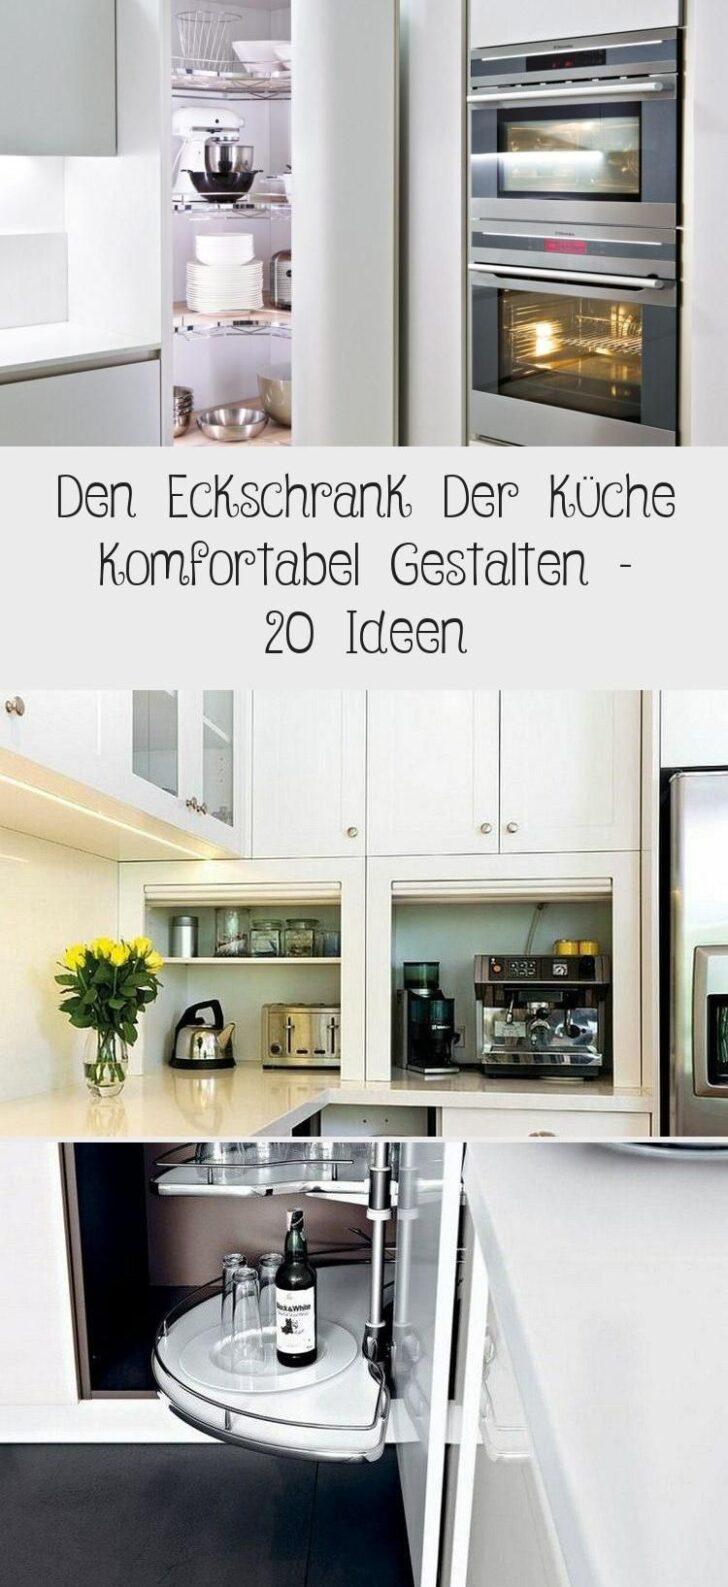 Medium Size of Wandbelag Küche Eckunterschrank Vollholzküche Bodenfliesen Aufbewahrungsbehälter Wasserhahn Sideboard Pantryküche Mit Kühlschrank Industrial Umziehen Wohnzimmer Küche Eckschrank Rondell